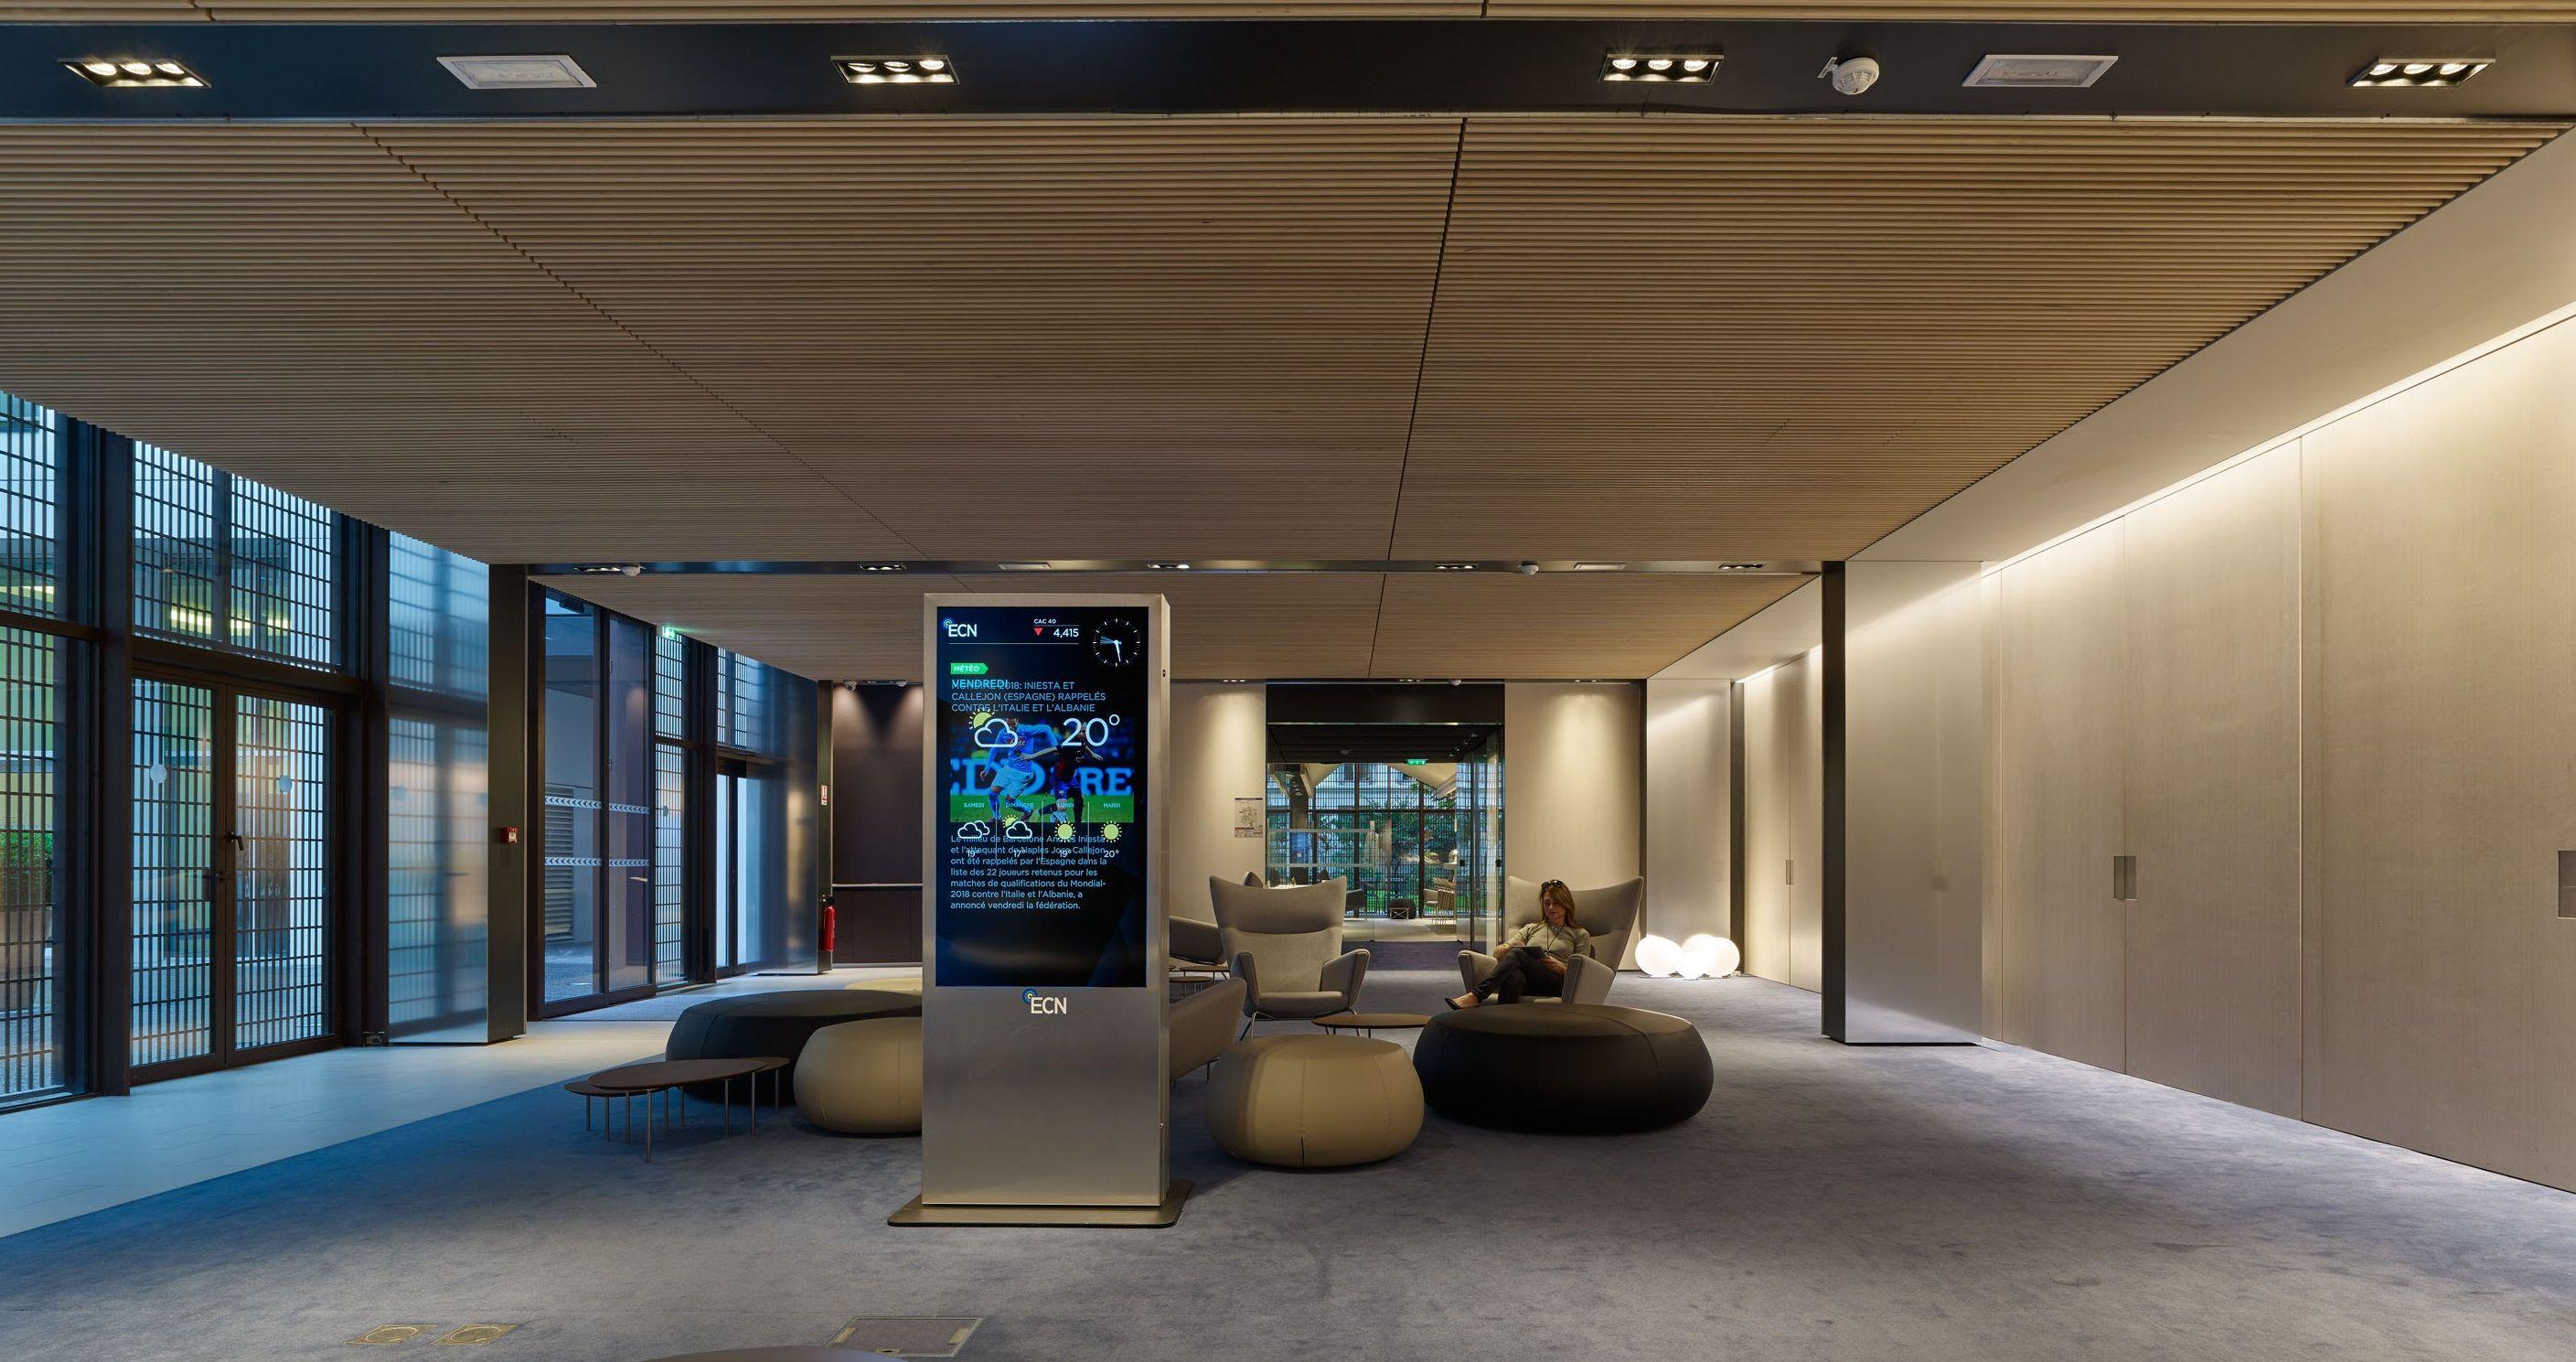 Immeuble kf 9 place vendôme paris france u2013 architectural project